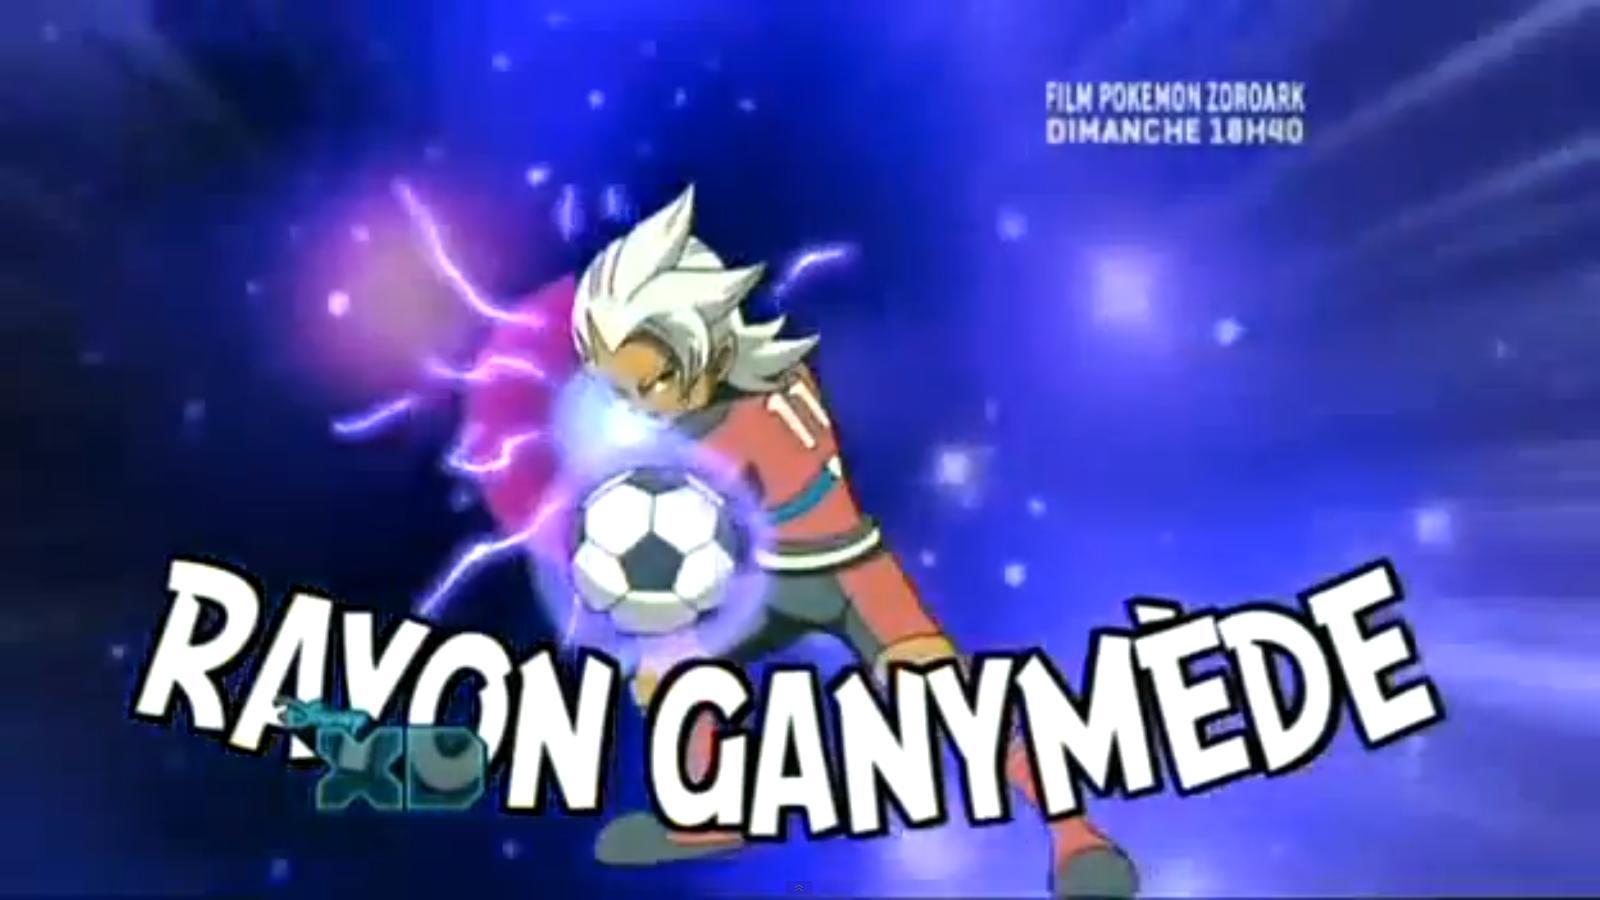 Rayon Ganymède